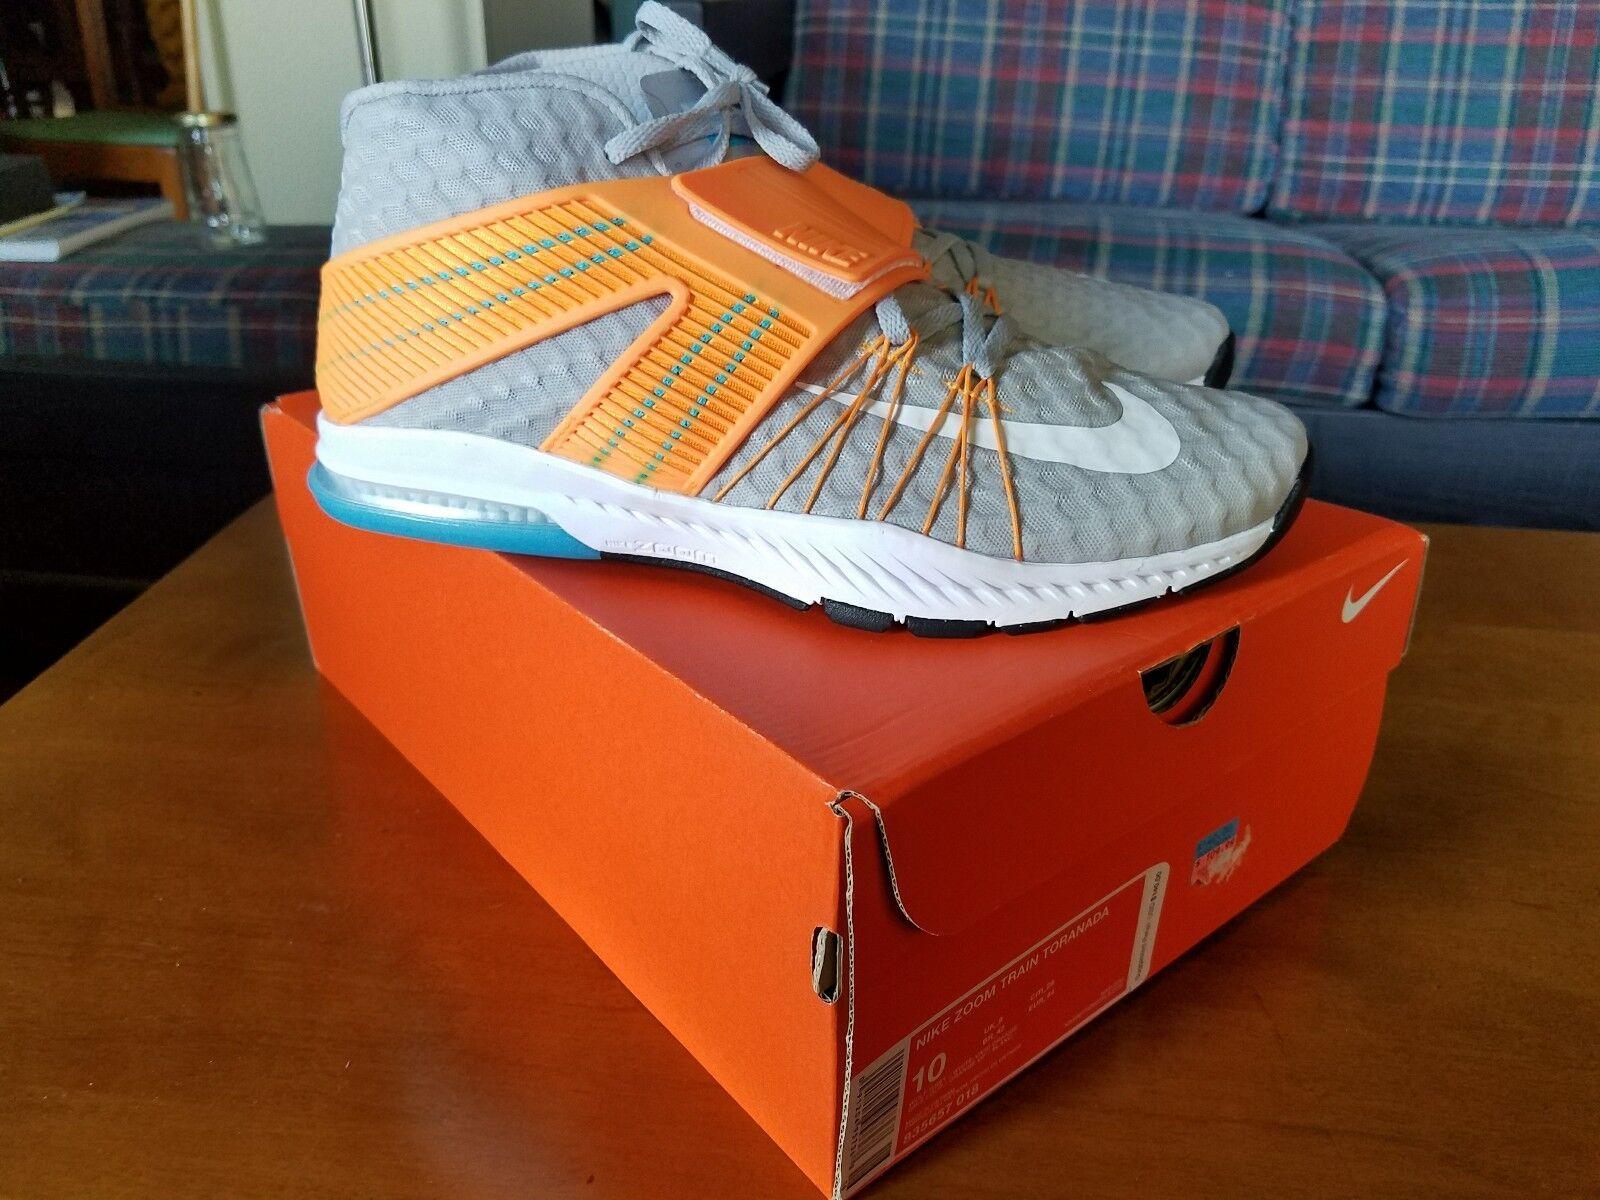 Nike Zoom tren blanco gris naranja tren vivo al cruzar el tren naranja reducción de precio e74932